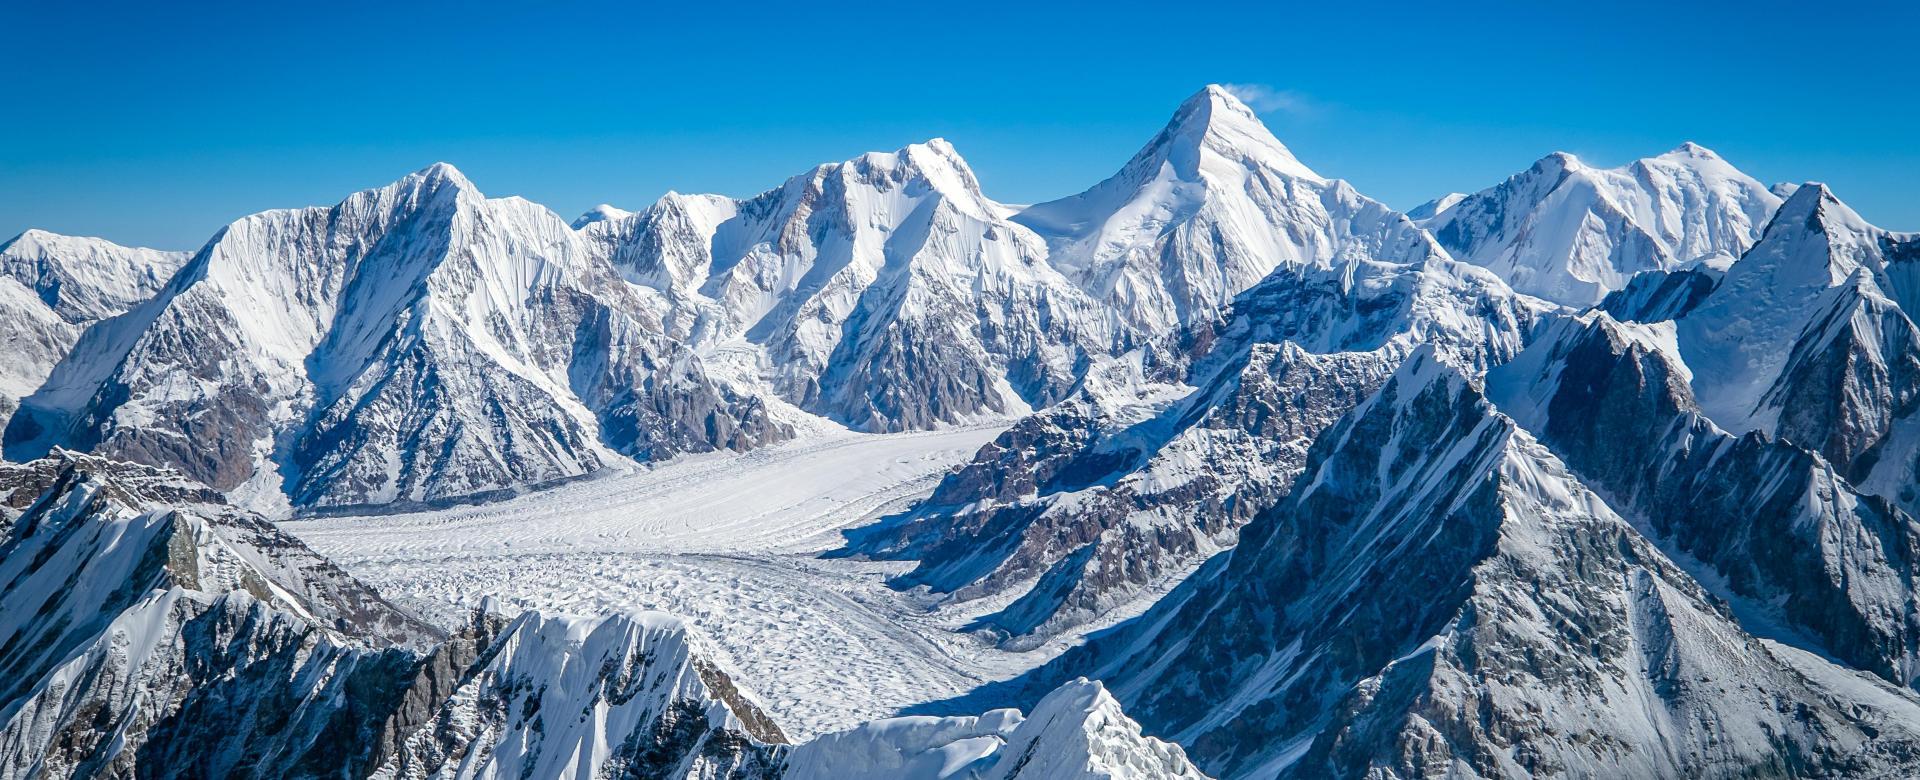 Voyage à pied : Kirghizistan : Trek des glaciers du khan tengri (7010 m)